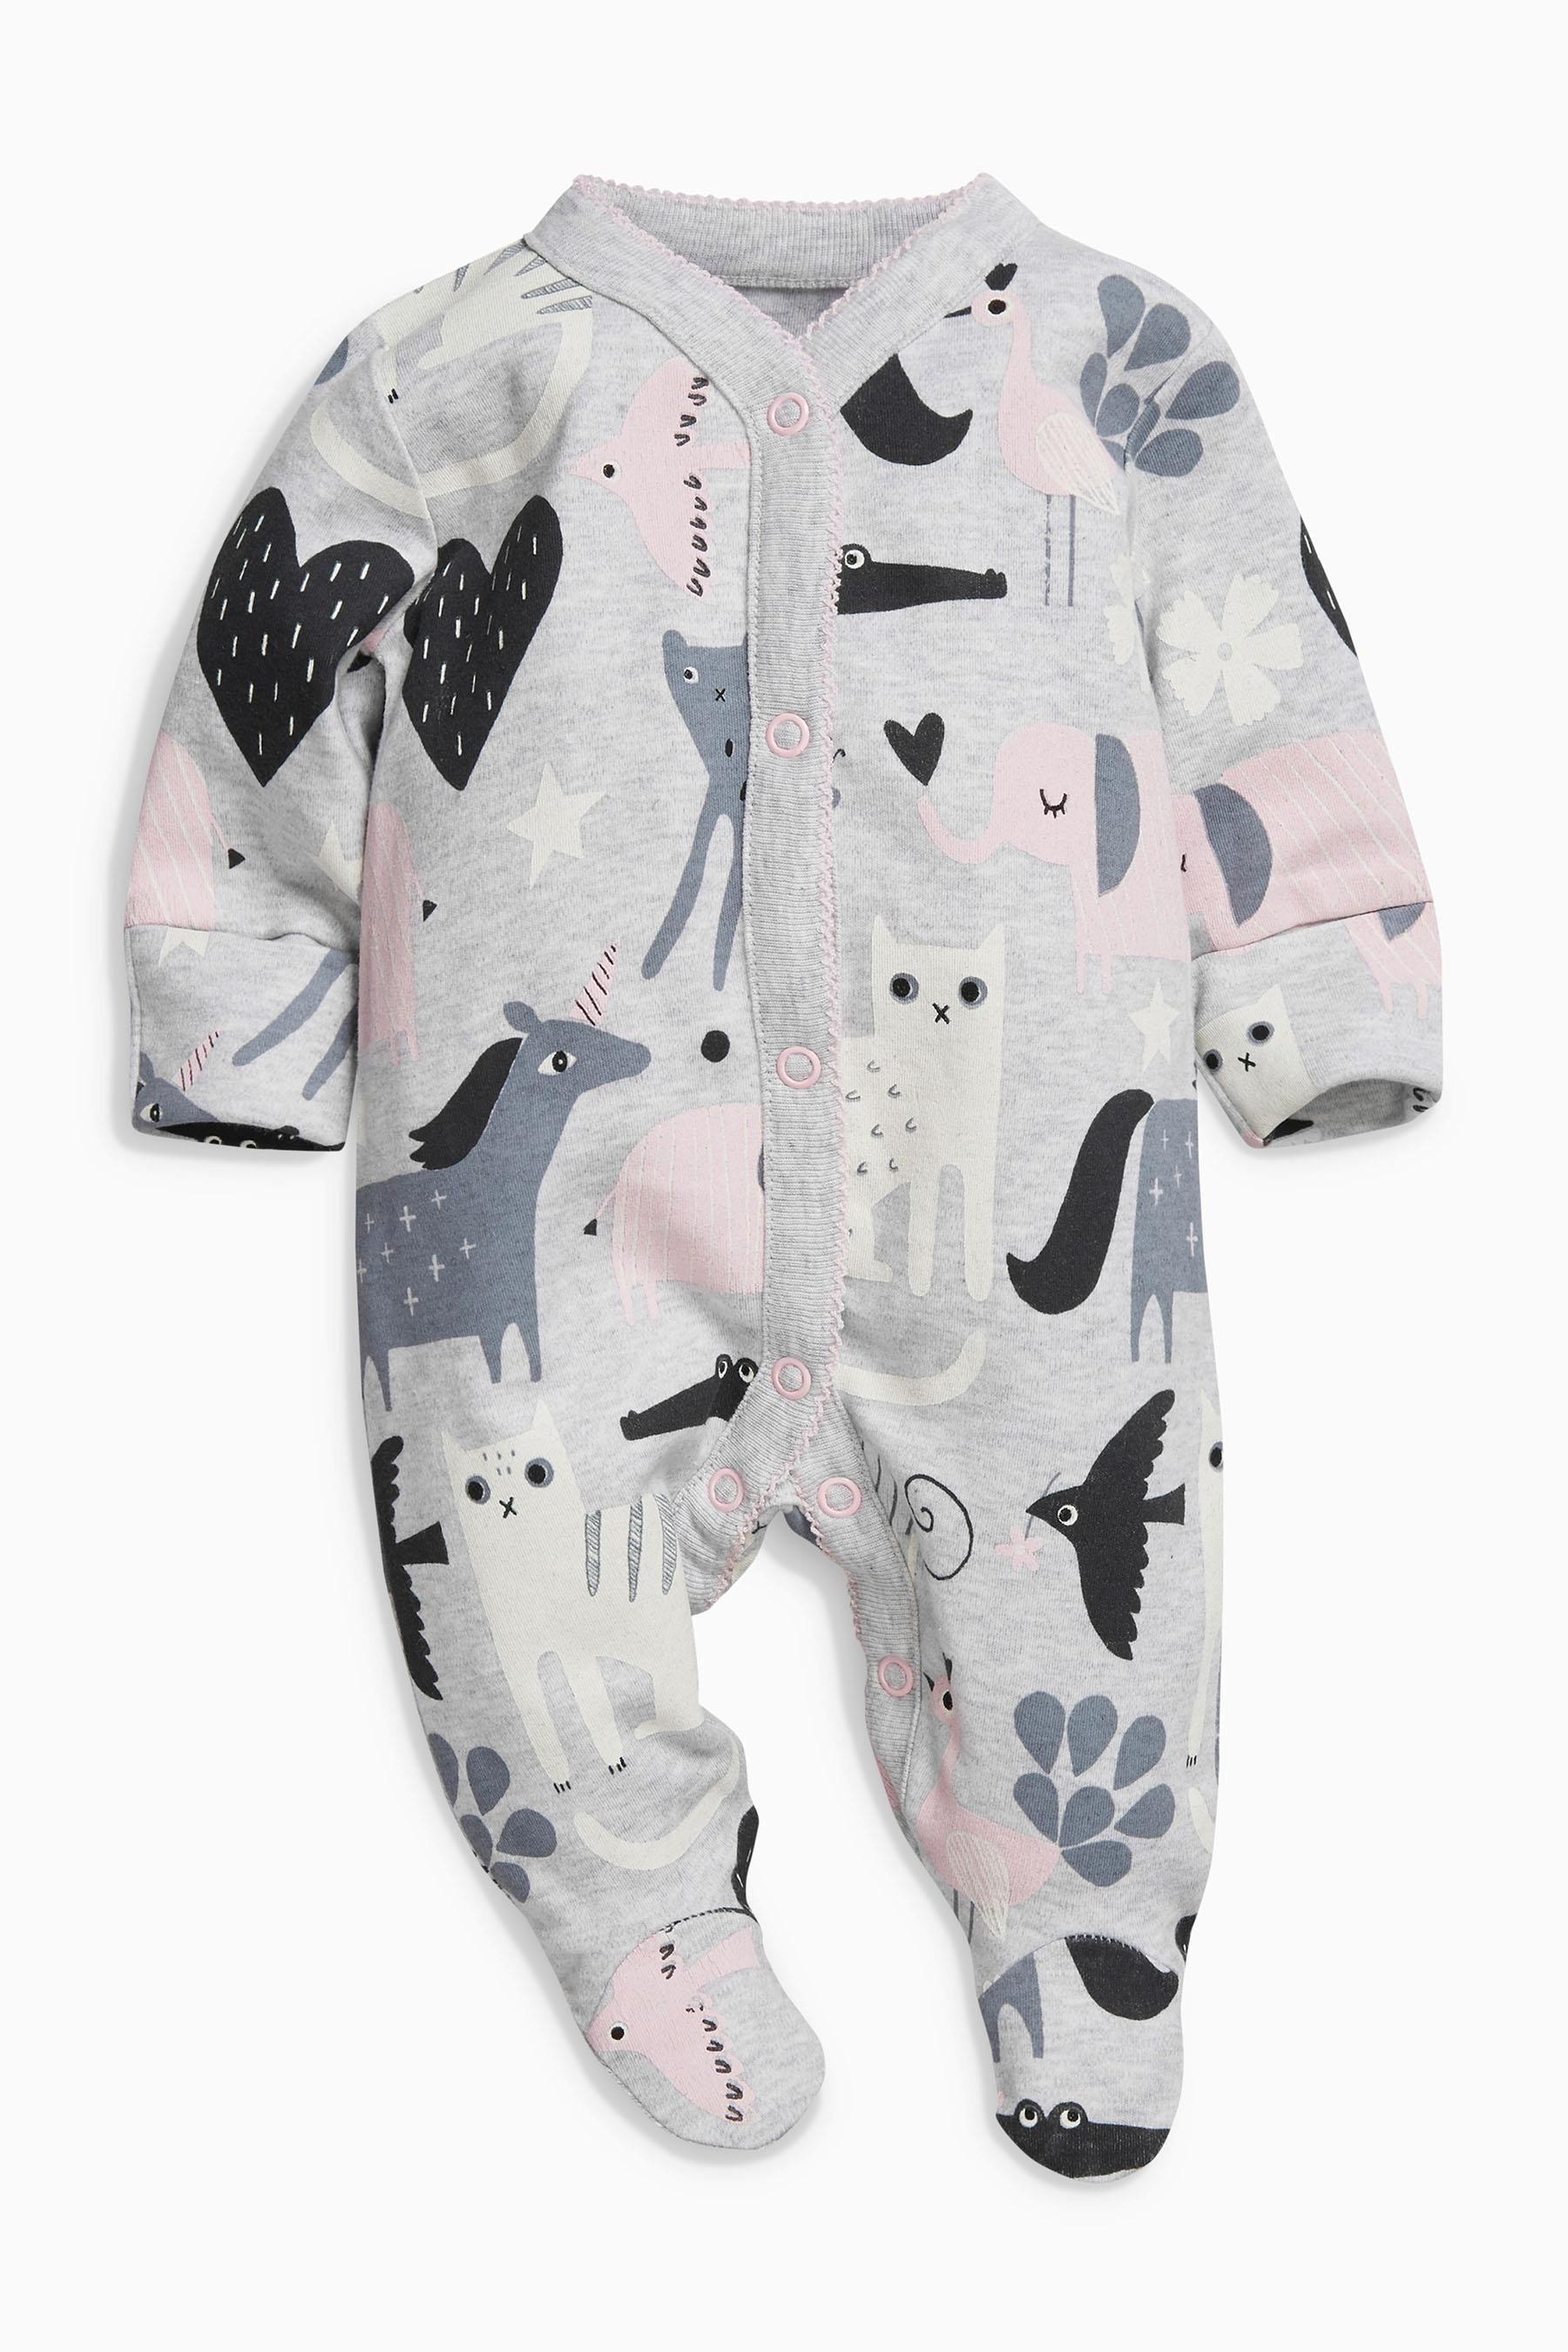 Épinglé par Maddy Gabryel sur Prints  Pyjama enfant, Vetement